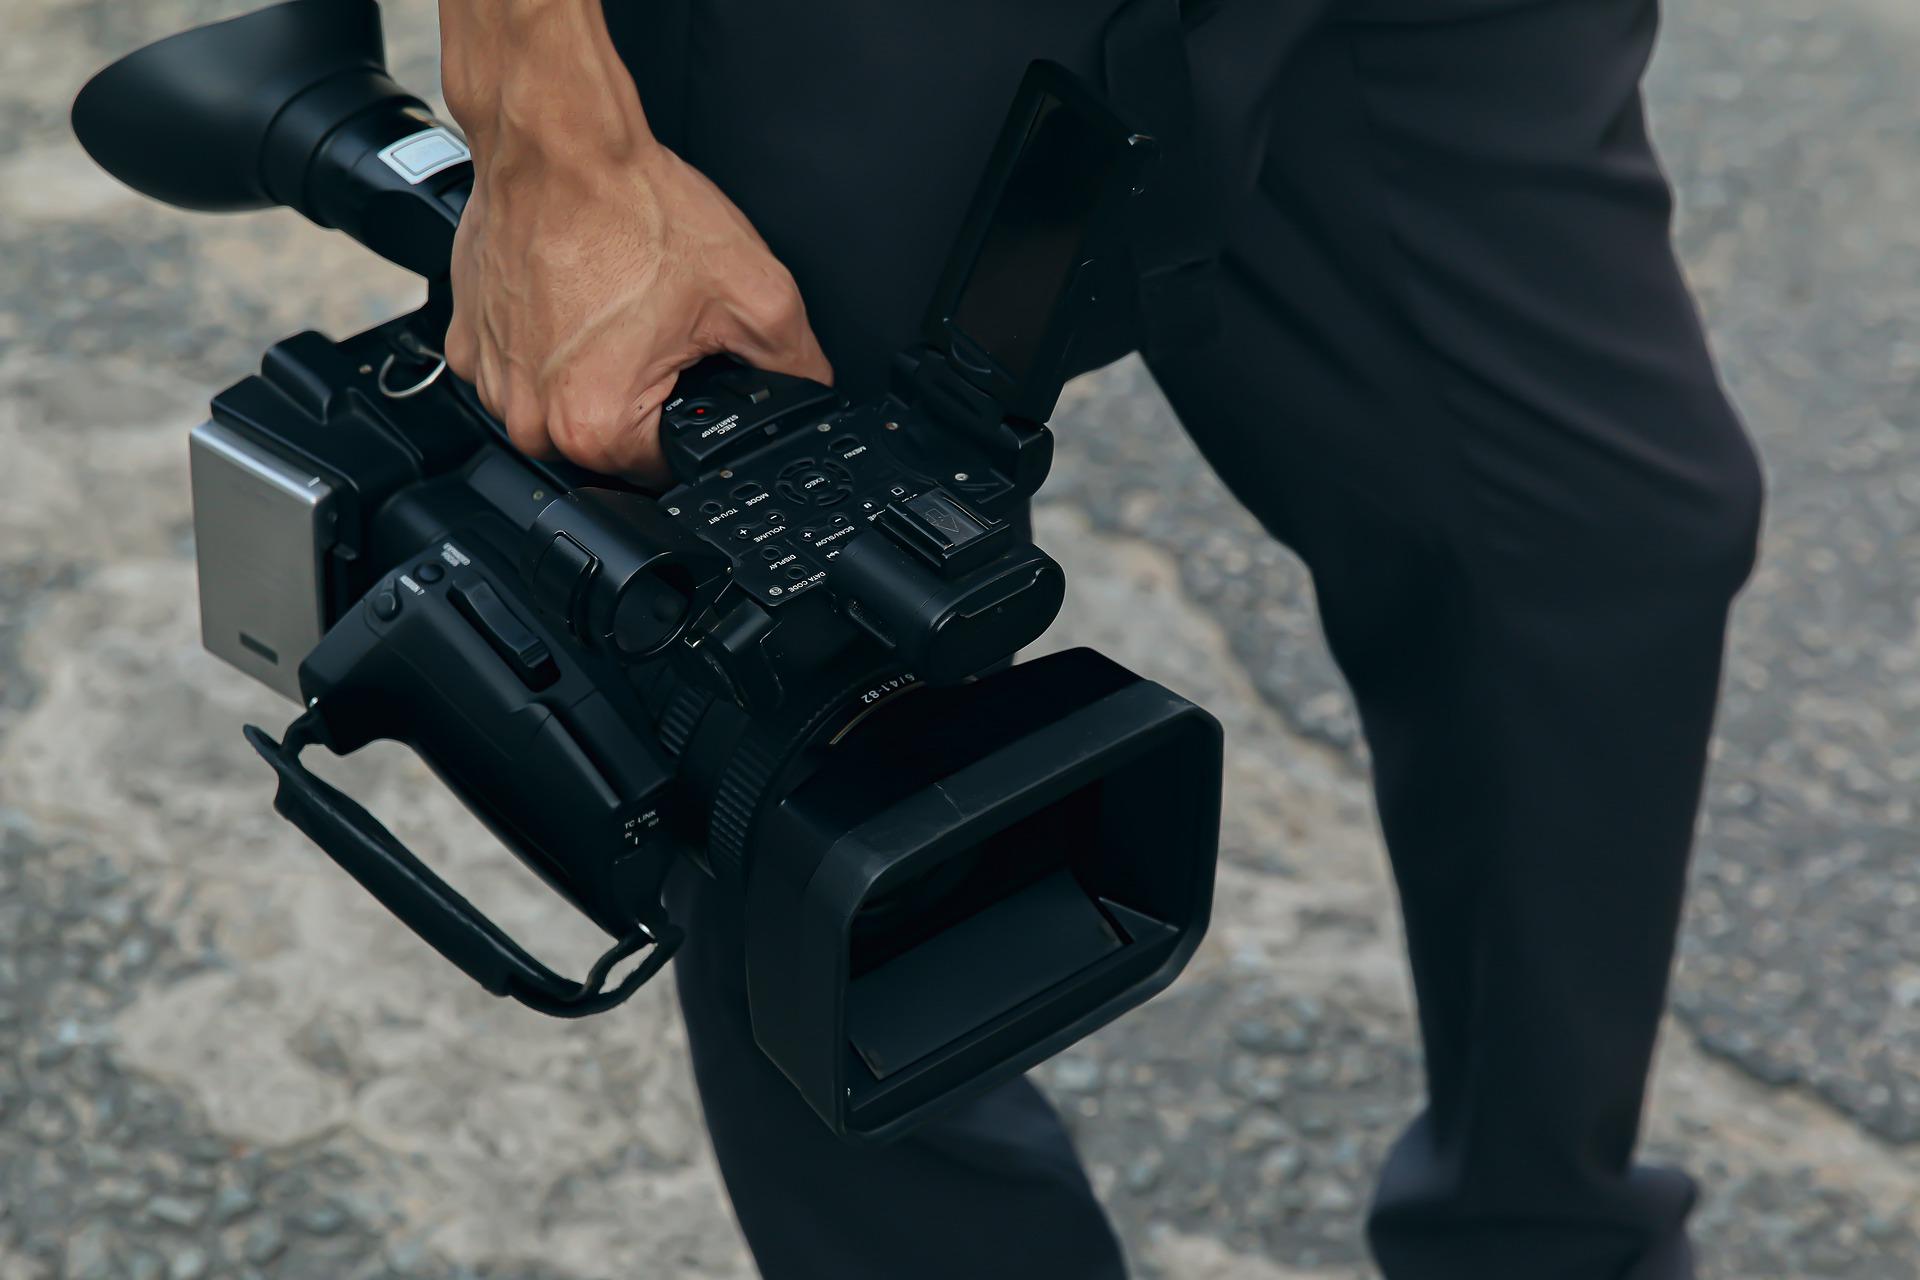 Convocatoria para la promoción y difusión del sector audiovisual canario